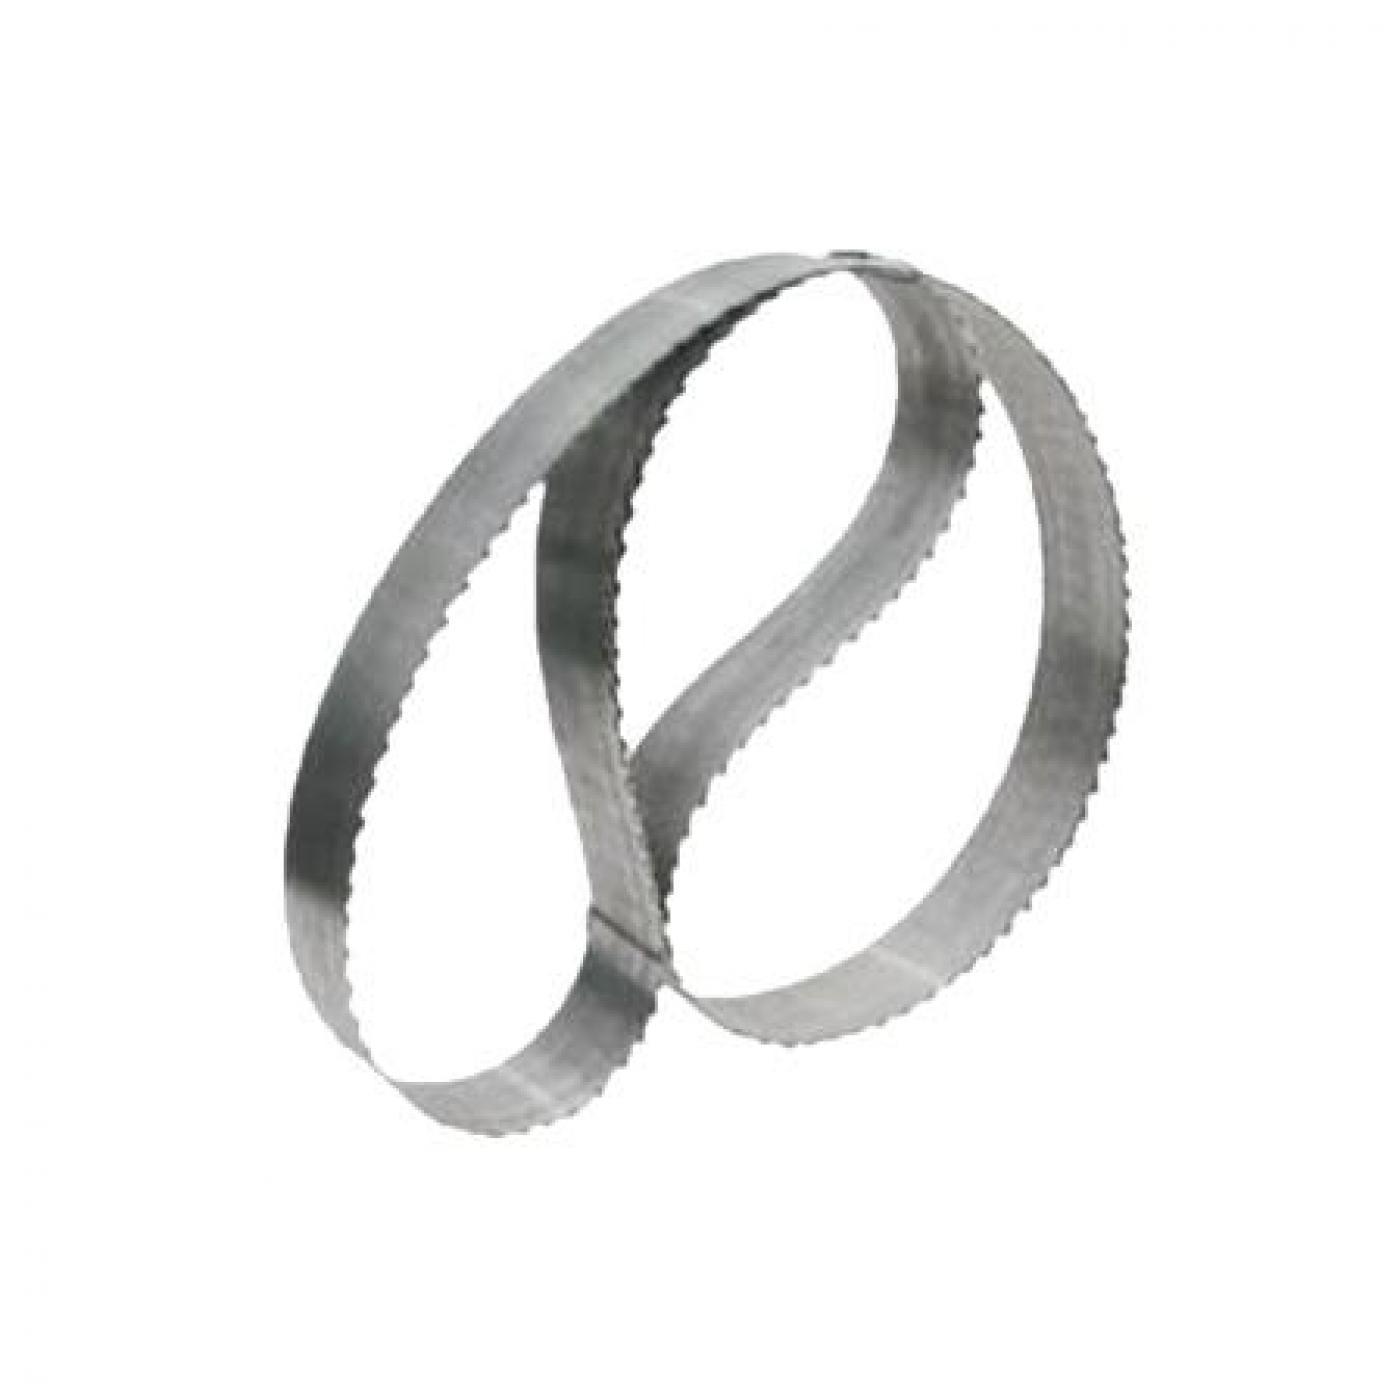 Hoja de repuesto p 6 10 para sierra de cinta stayer sn - Sierra de cinta para metal ...